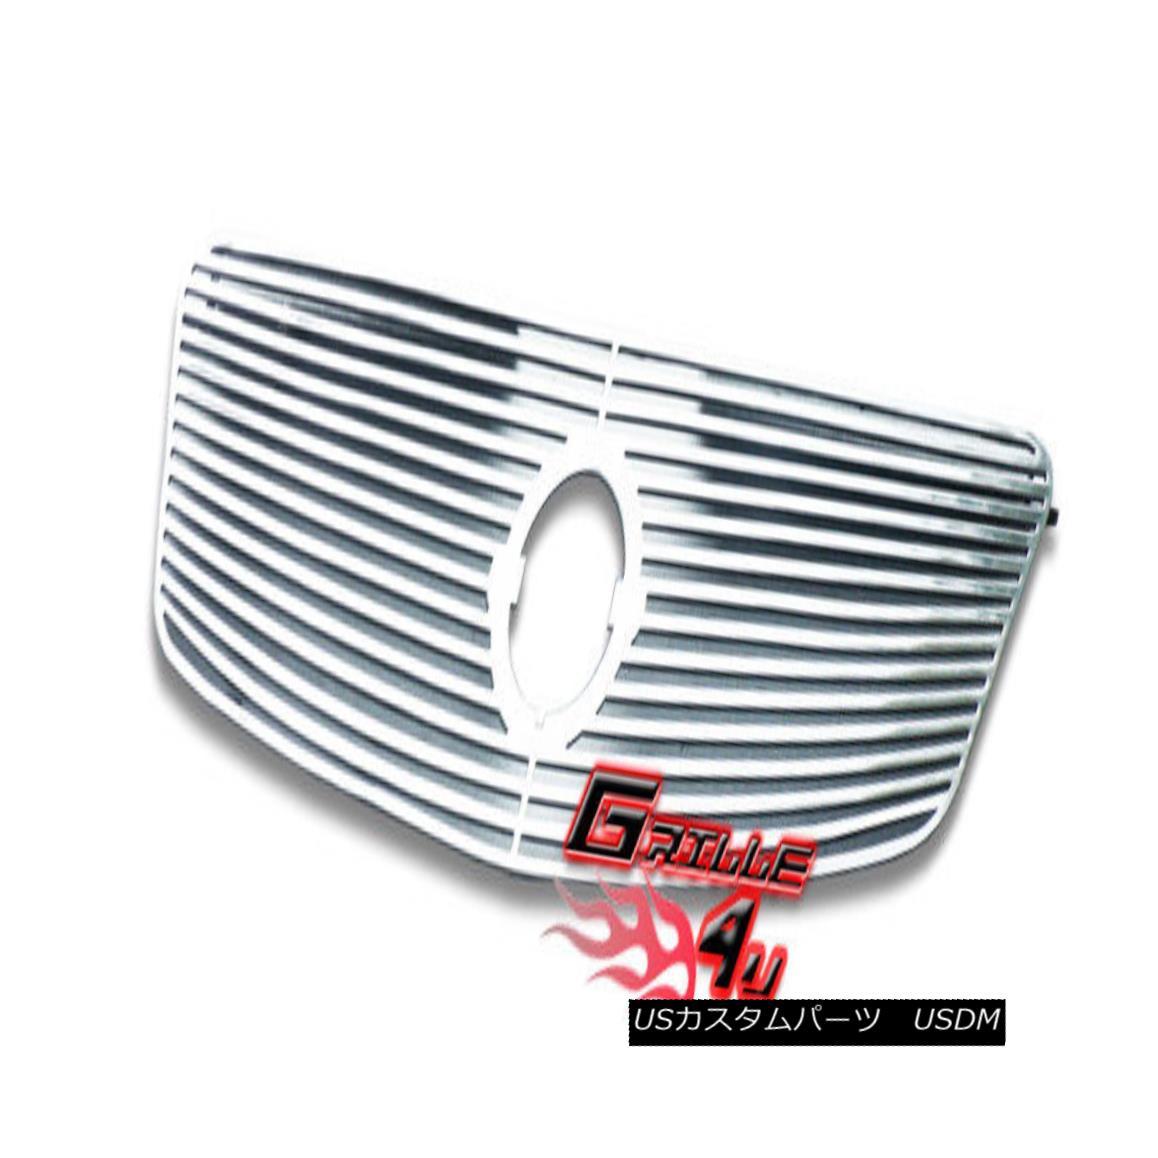 グリル Customized For 05-06 Nissan Altima Perimeter Premium Grille Insert 05-06日産アルティマ周辺プレミアムグリルインサート